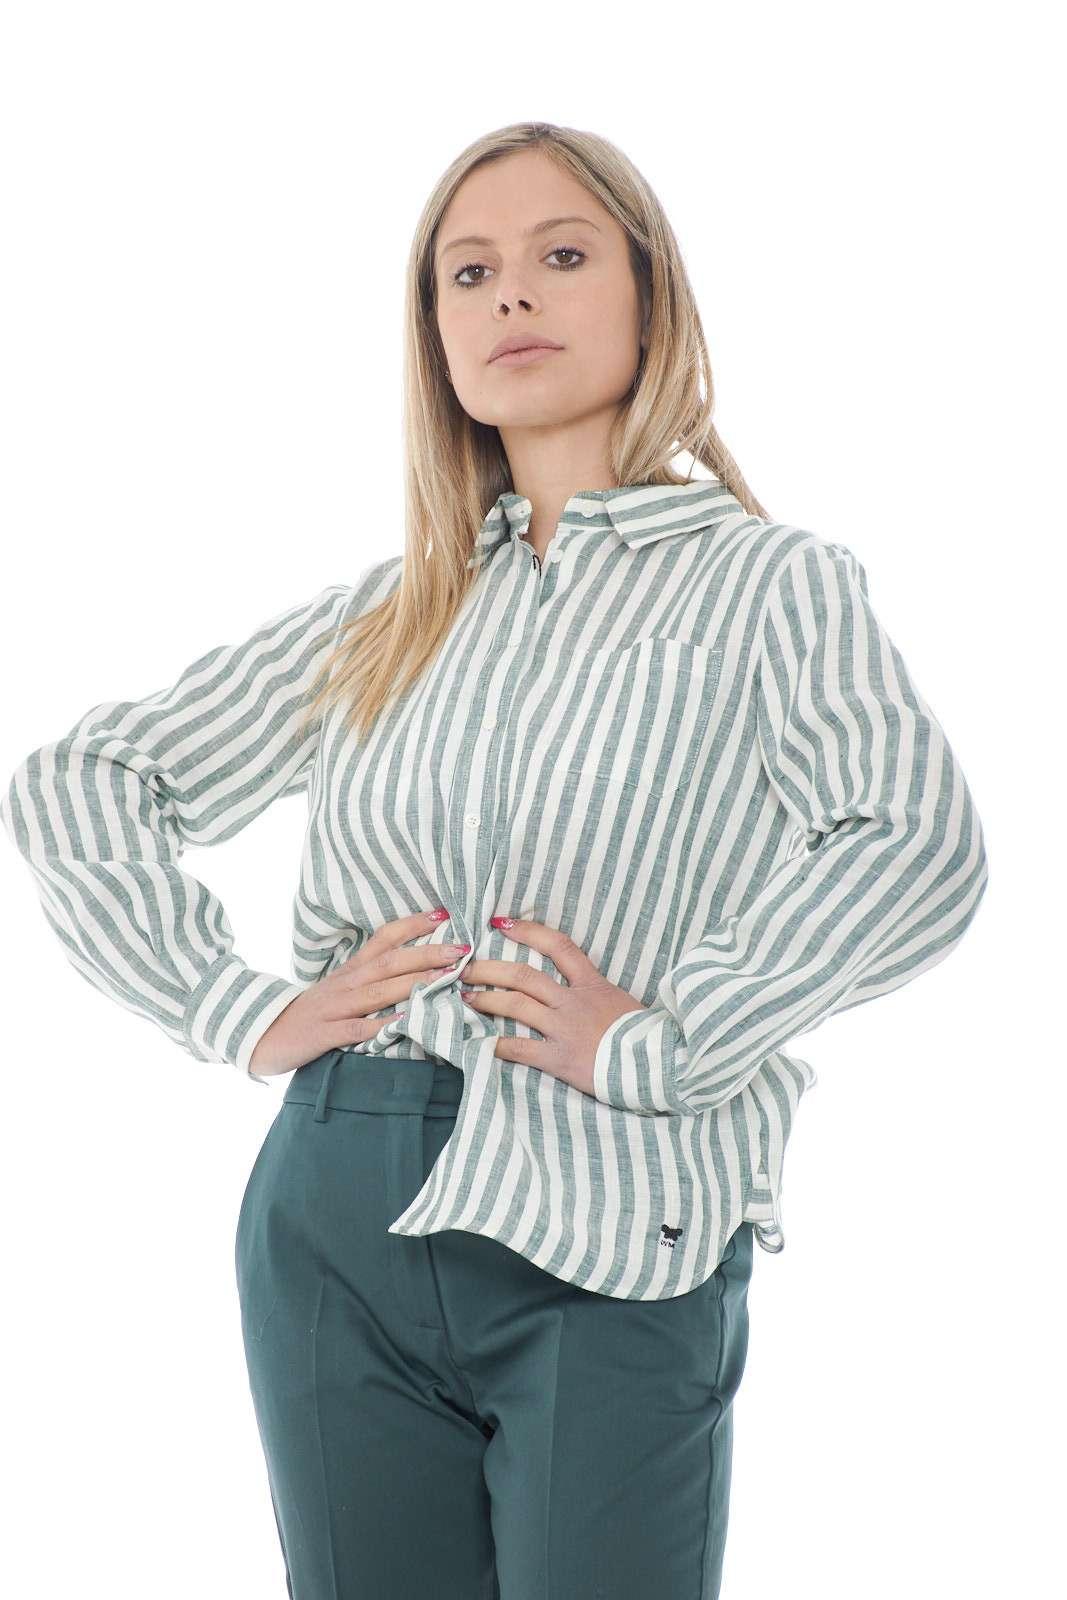 Un essential della bella stagione, la camicia in lino firmata dalla collezione Weekend MaxMara conquista tutti i gusti. Da indossare con un jeans o con un pantalone chino, regala uno stile casual chic per antonomasia. La fantasia rigata e la linea morbida sono il suo lasciapassare per tutti gli stili.